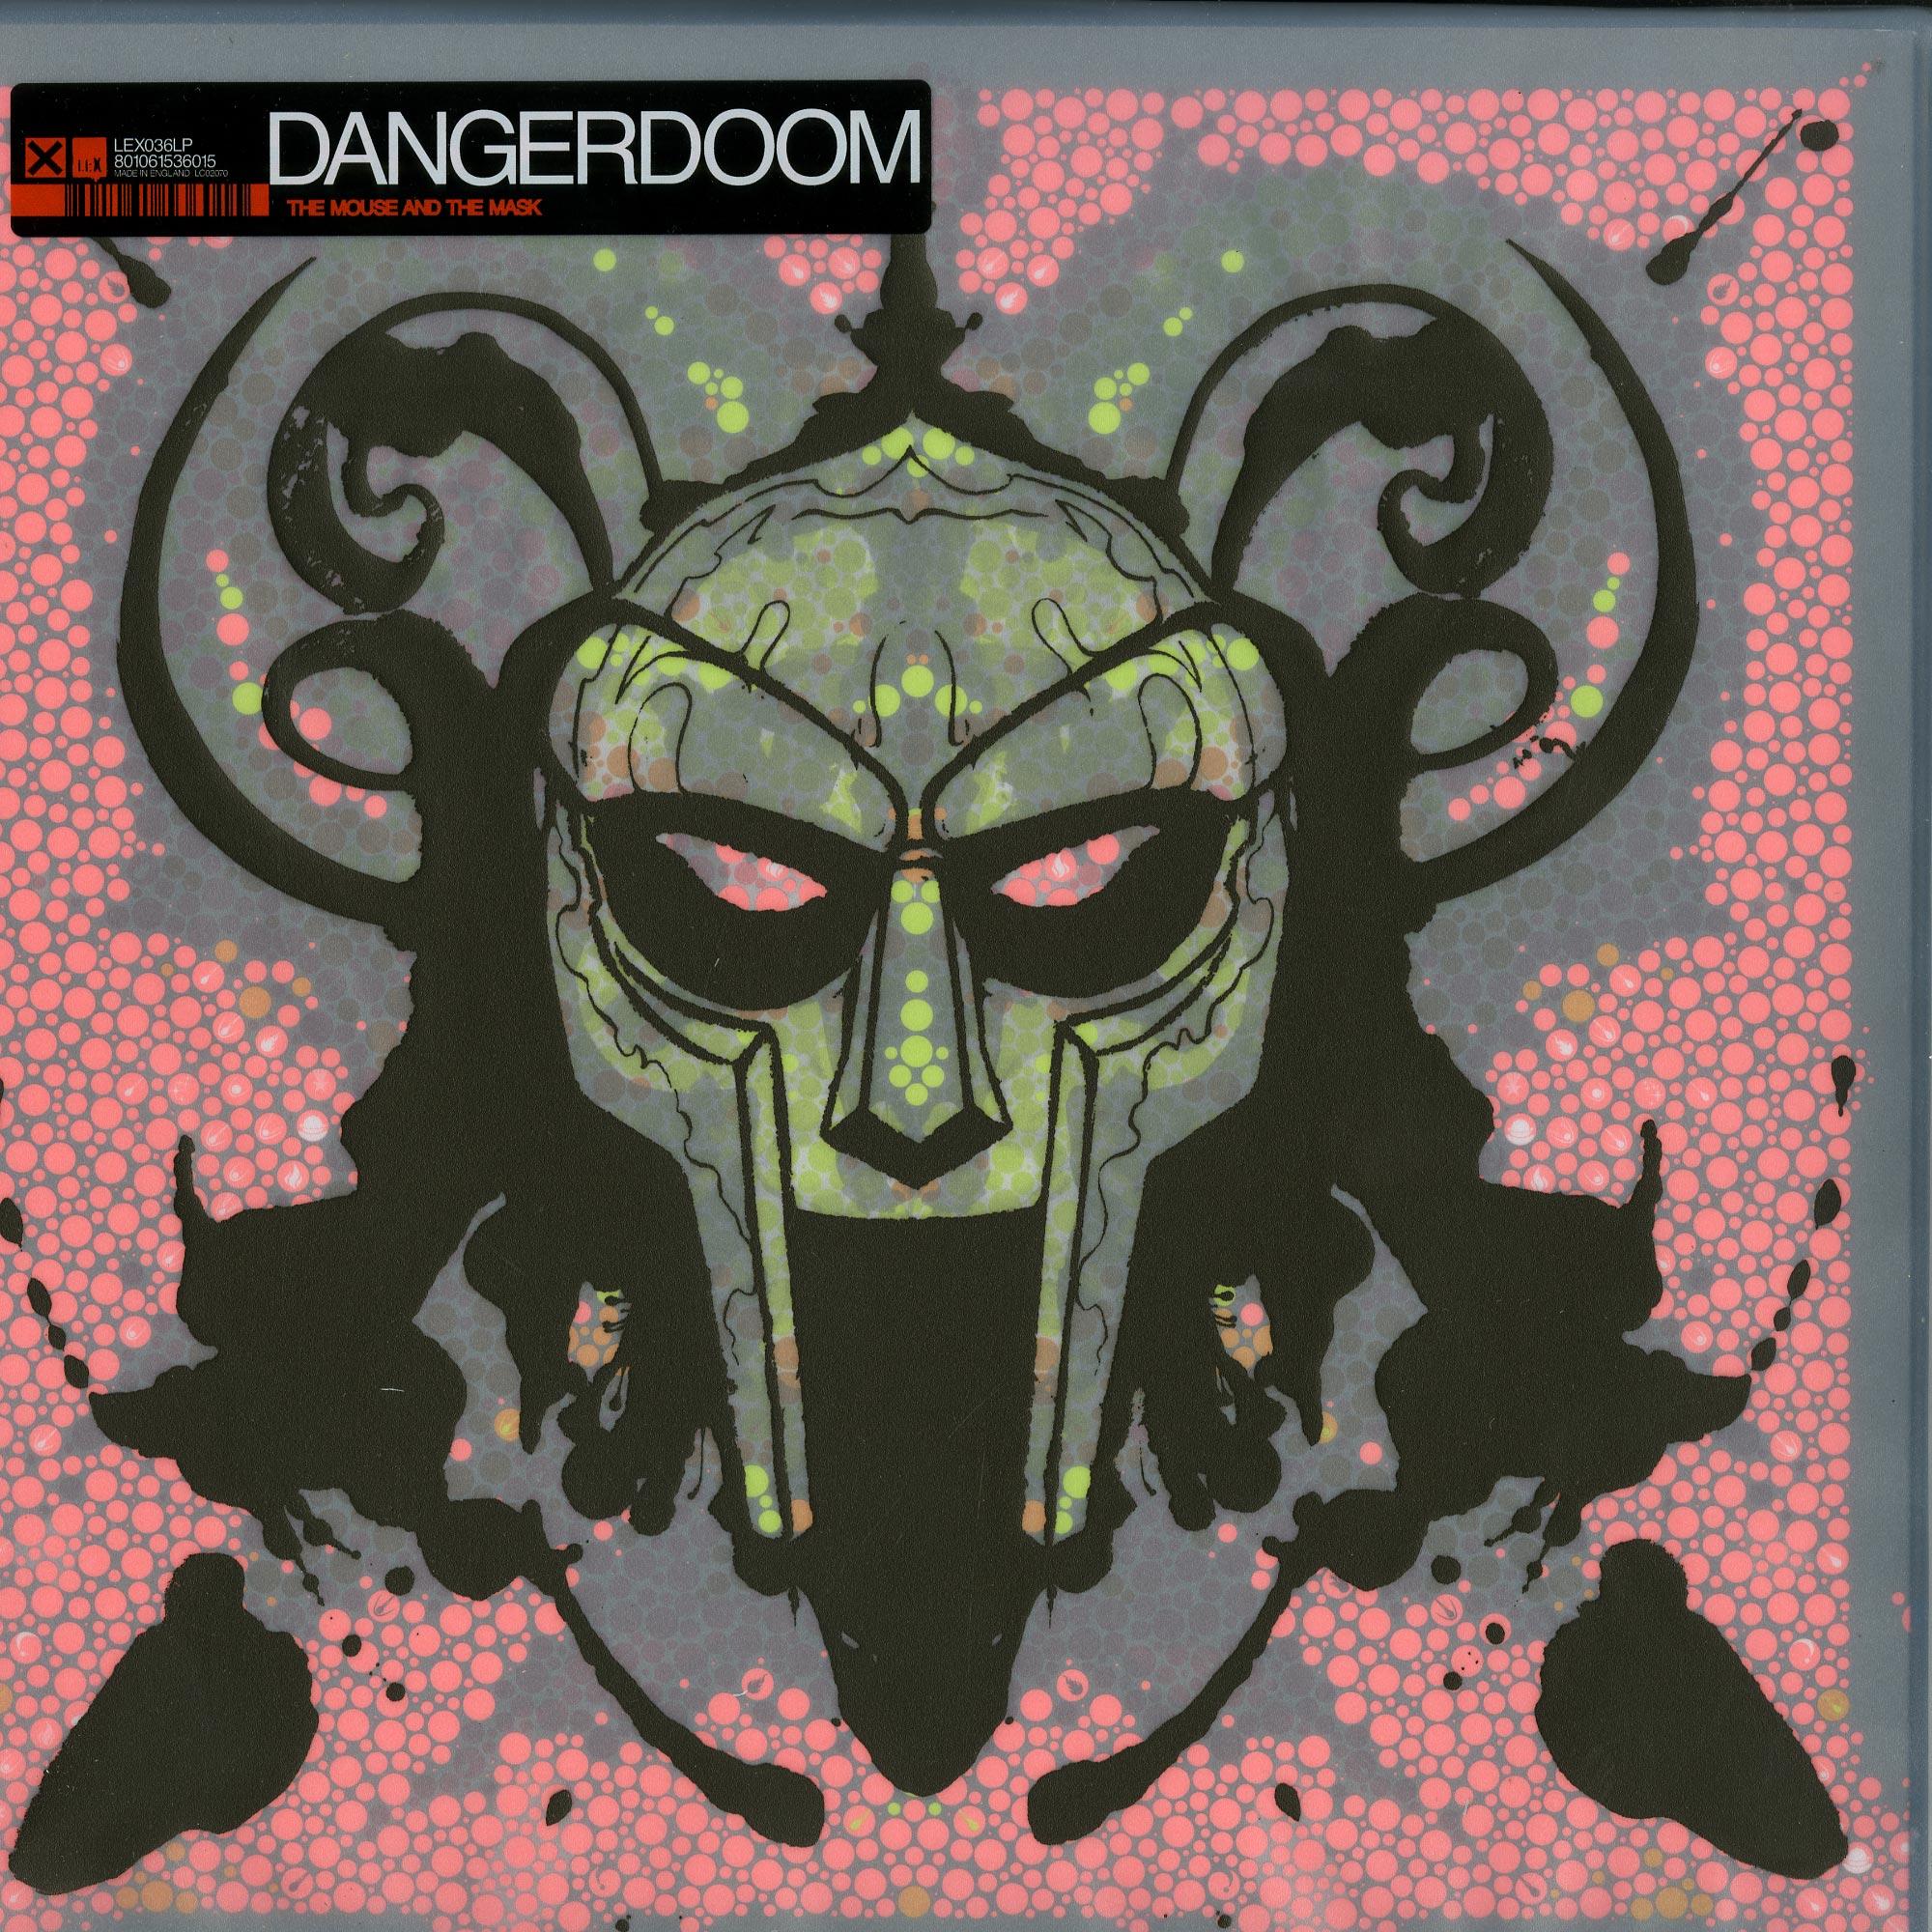 Dangerdoom - THE MOUSE & THE MASK